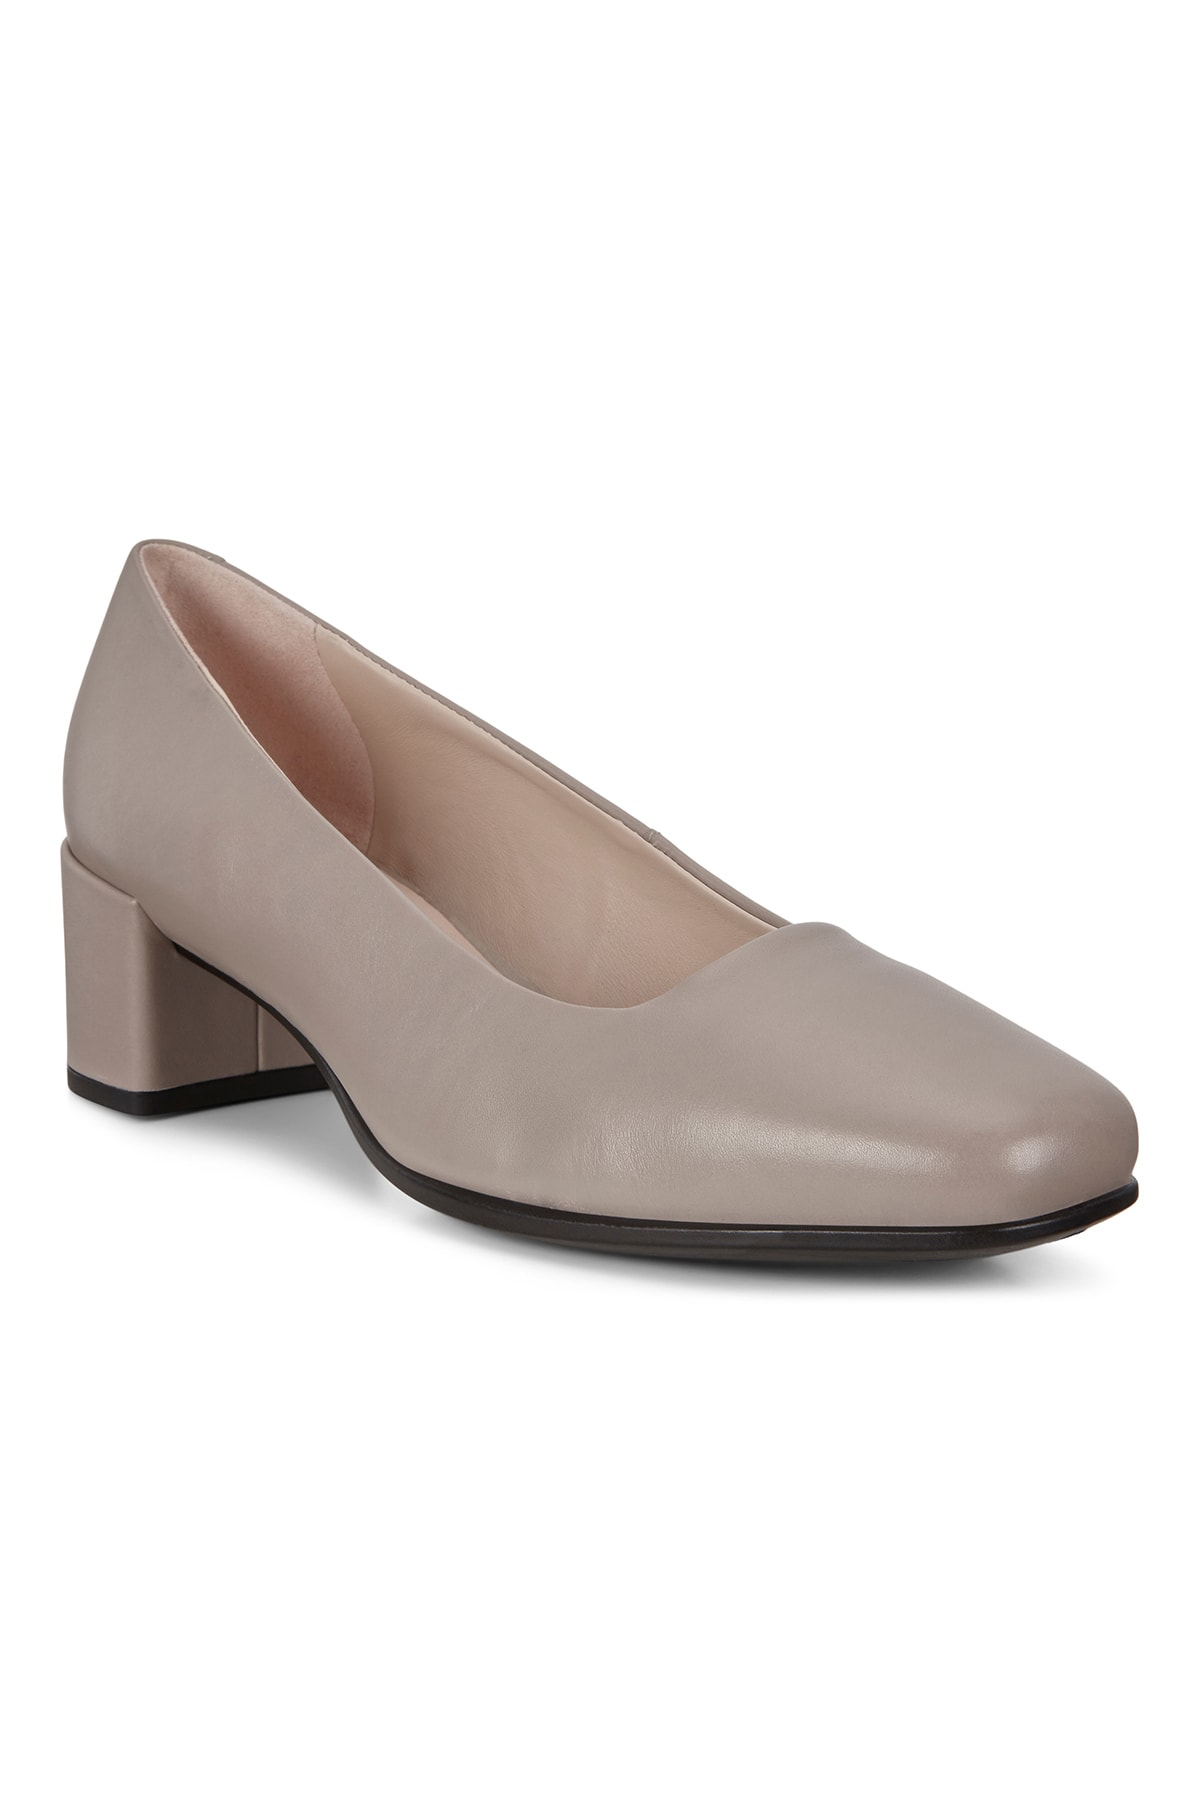 Ecco Kadın Klasik Topuklu Ayakkabı Shape Squared 35 Grey Rose Bej 290503